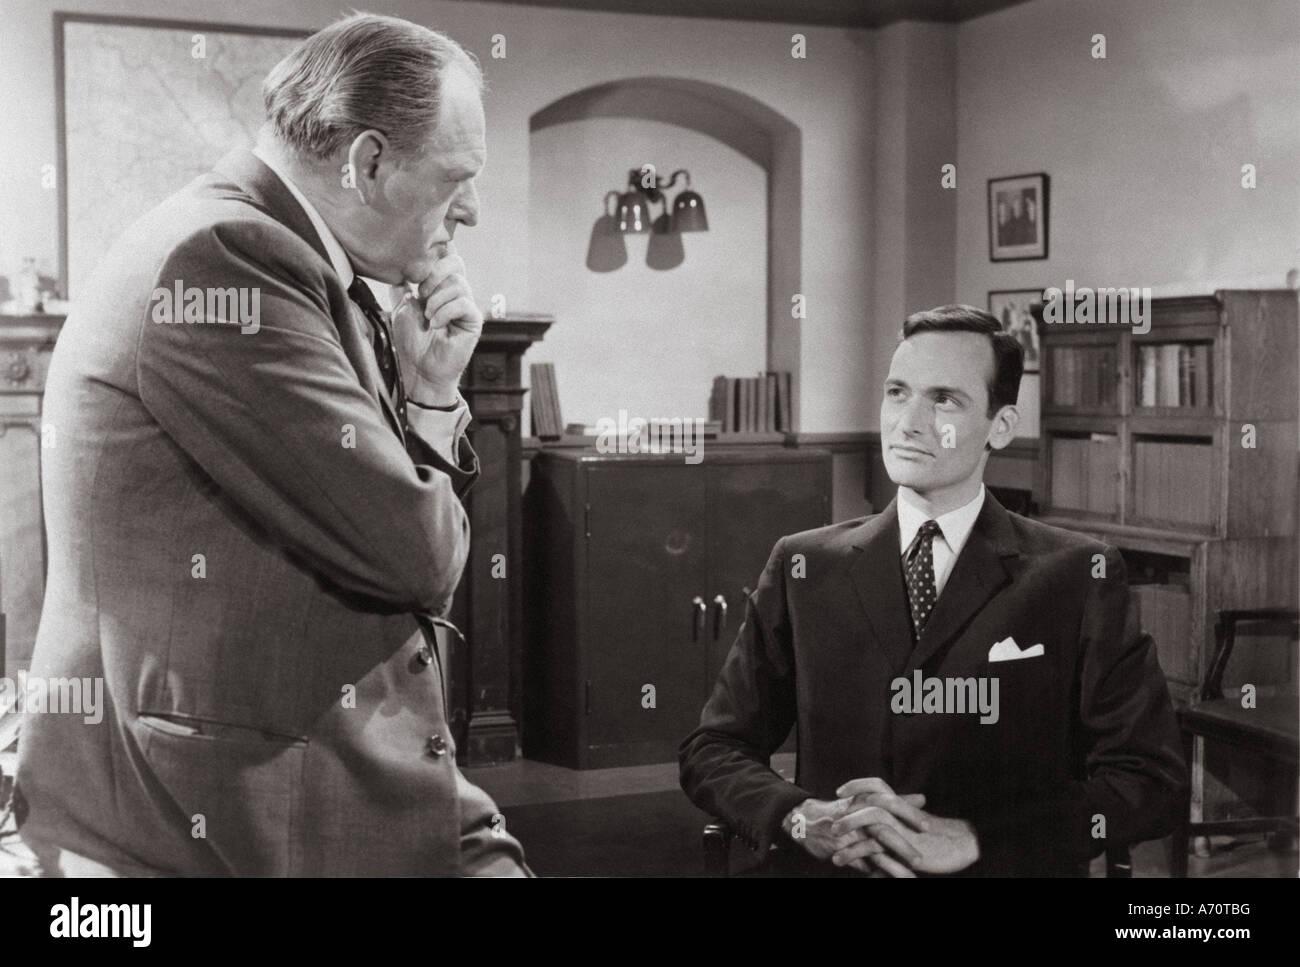 EDGAR WALLACE Mystery Theatre: INDIZIO DEL TWISTED POSSONO UK serie TV 1960 al 1962 con Bernard Lee a sinistra e Foto Stock